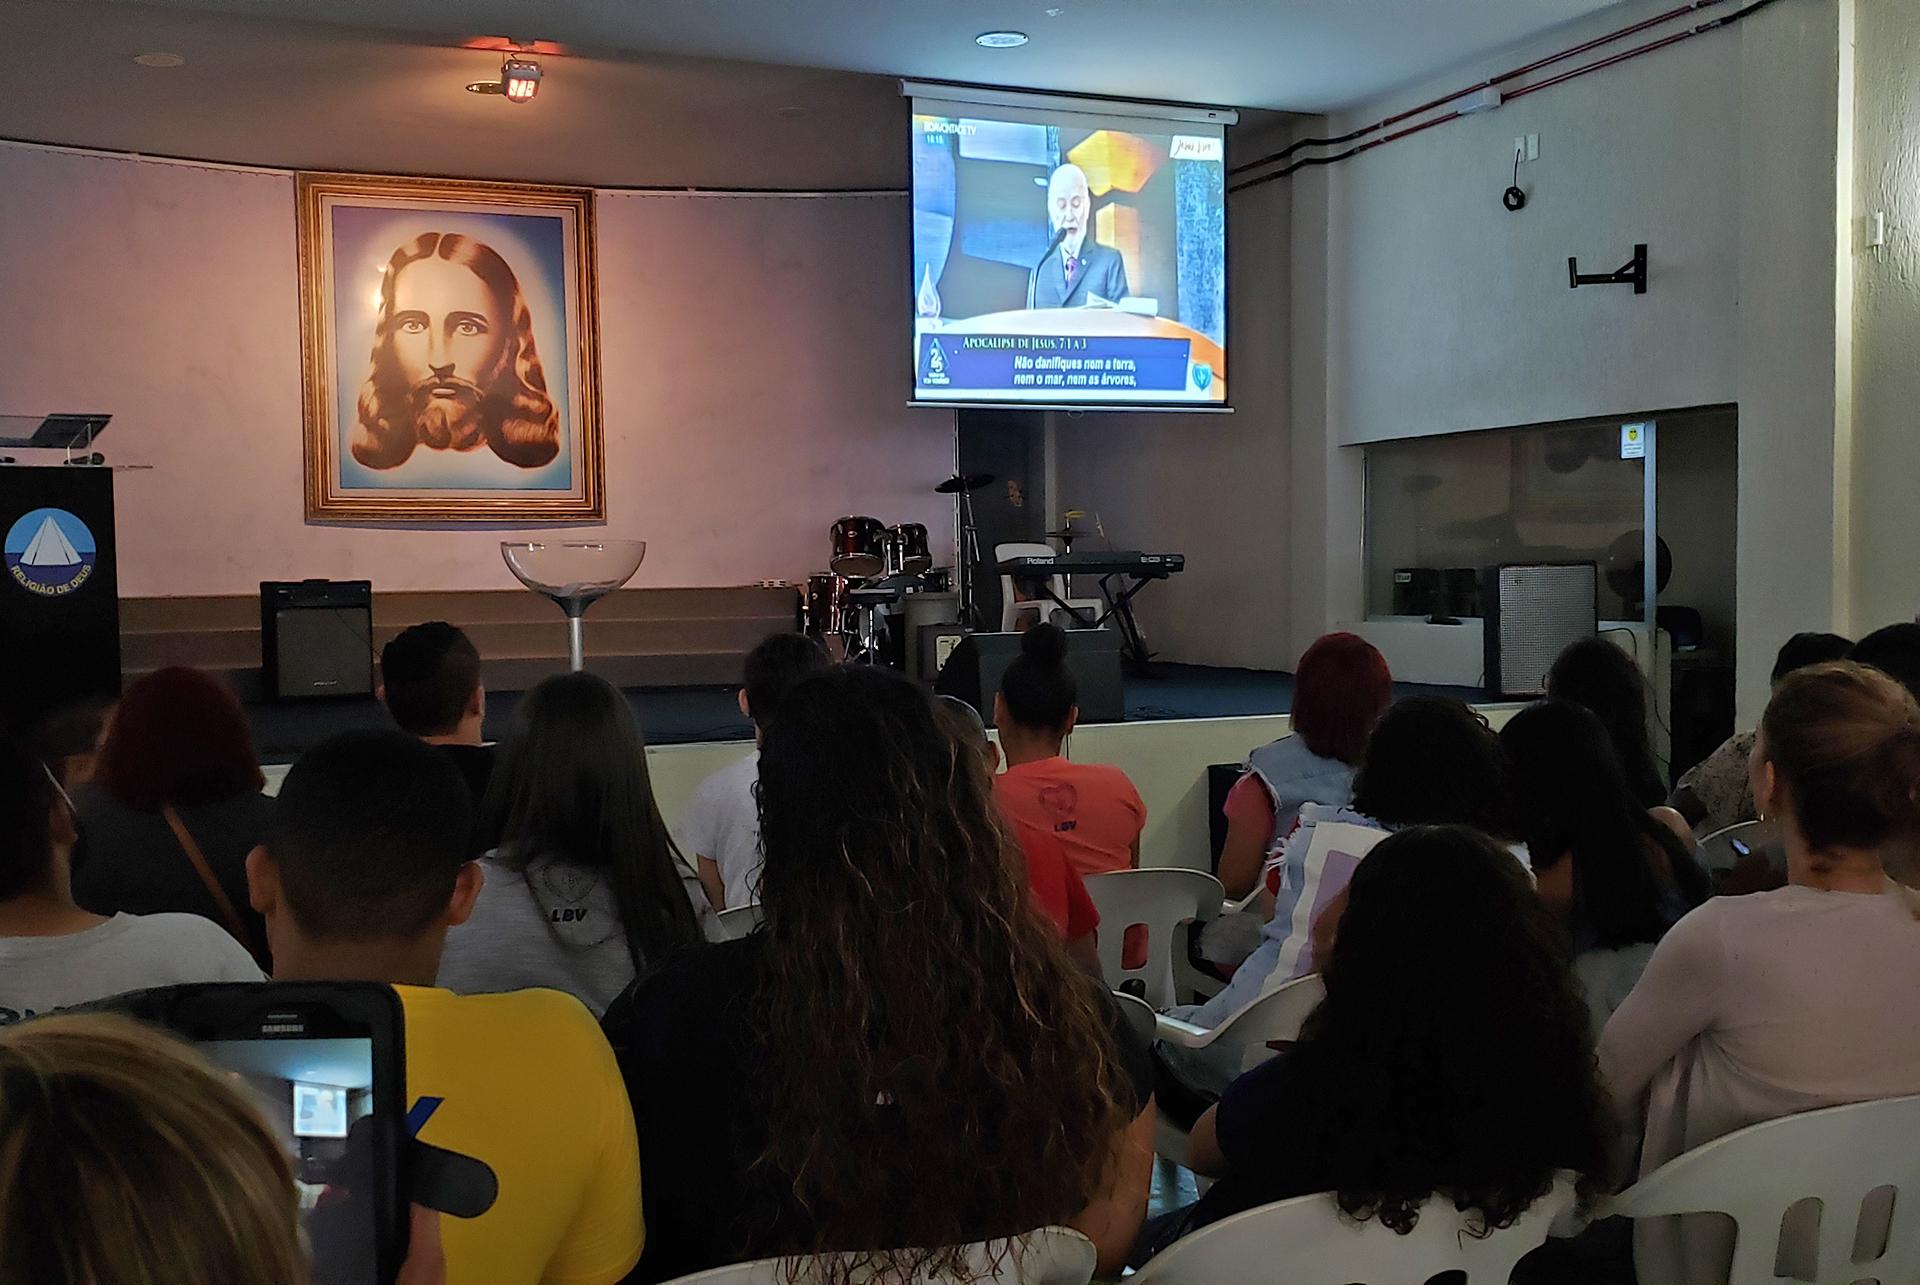 Recife, PE — Juventude Ecumênica da Boa Vontade de Deus acompanha mensagem ecumênica e fraterna do líder da LBV, José de Paiva Netto, no Jubileu de Prata do TBV.